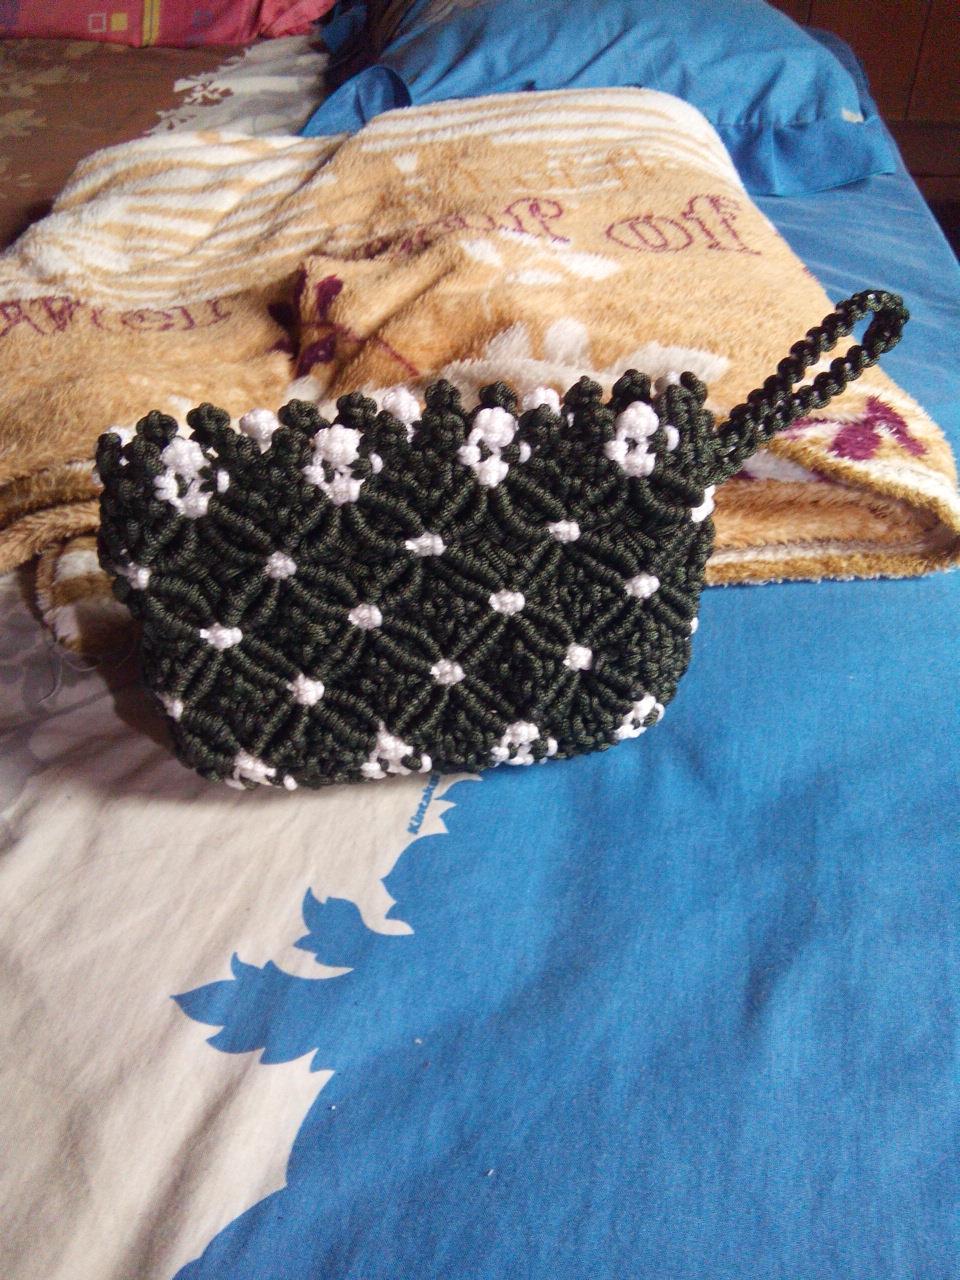 membuat dompet tas tali kur lengkap tas tali kur tentang  membuat dompet tas tali kur